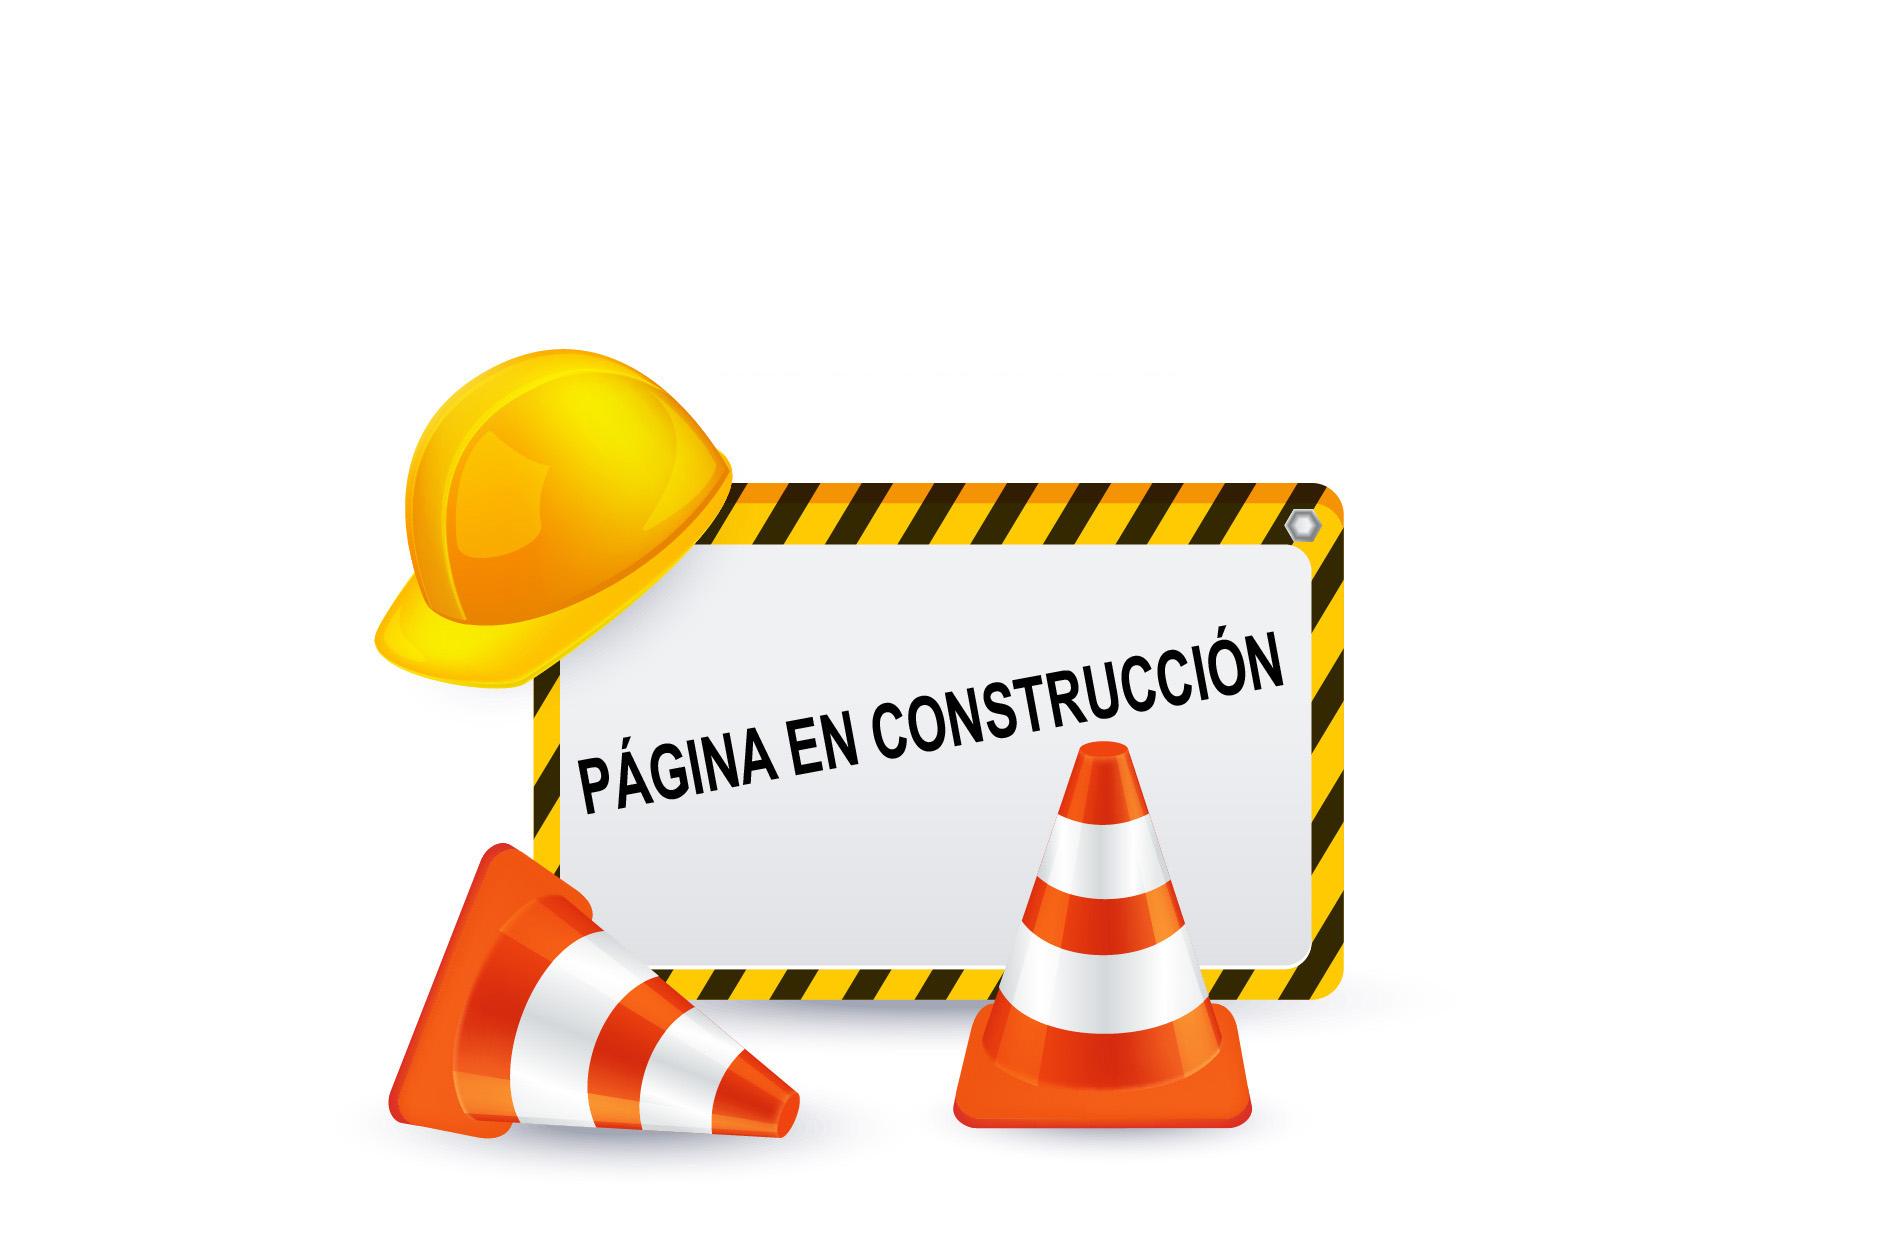 sitio-en-construccion | I.E.S. Profesor Antonio Cabrera Pérez